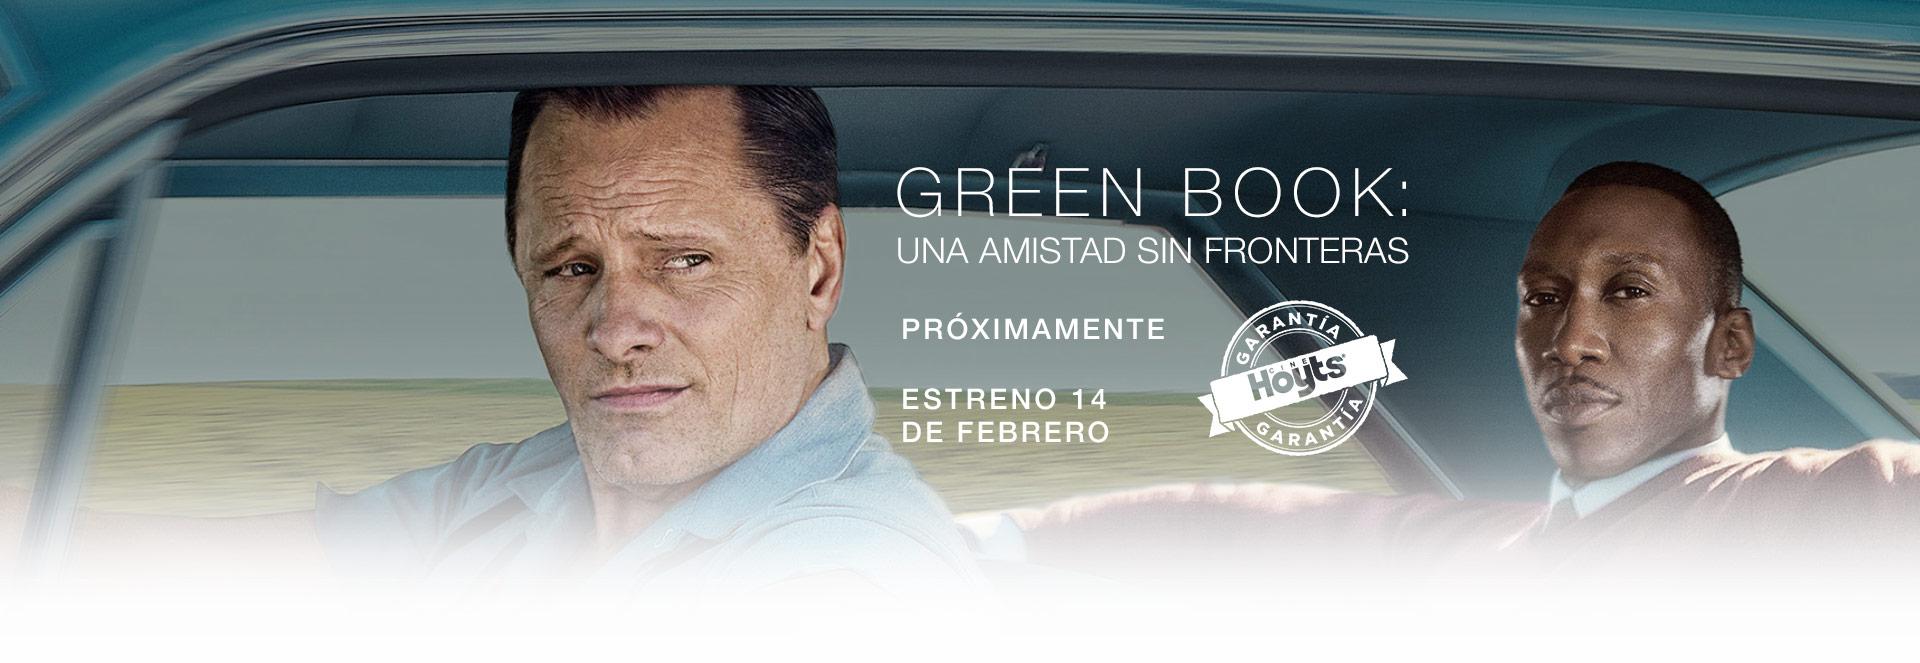 Banner GREEN BOOK: UNA AMISTAD SIN FRONTERAS | Garantía Cinépolis